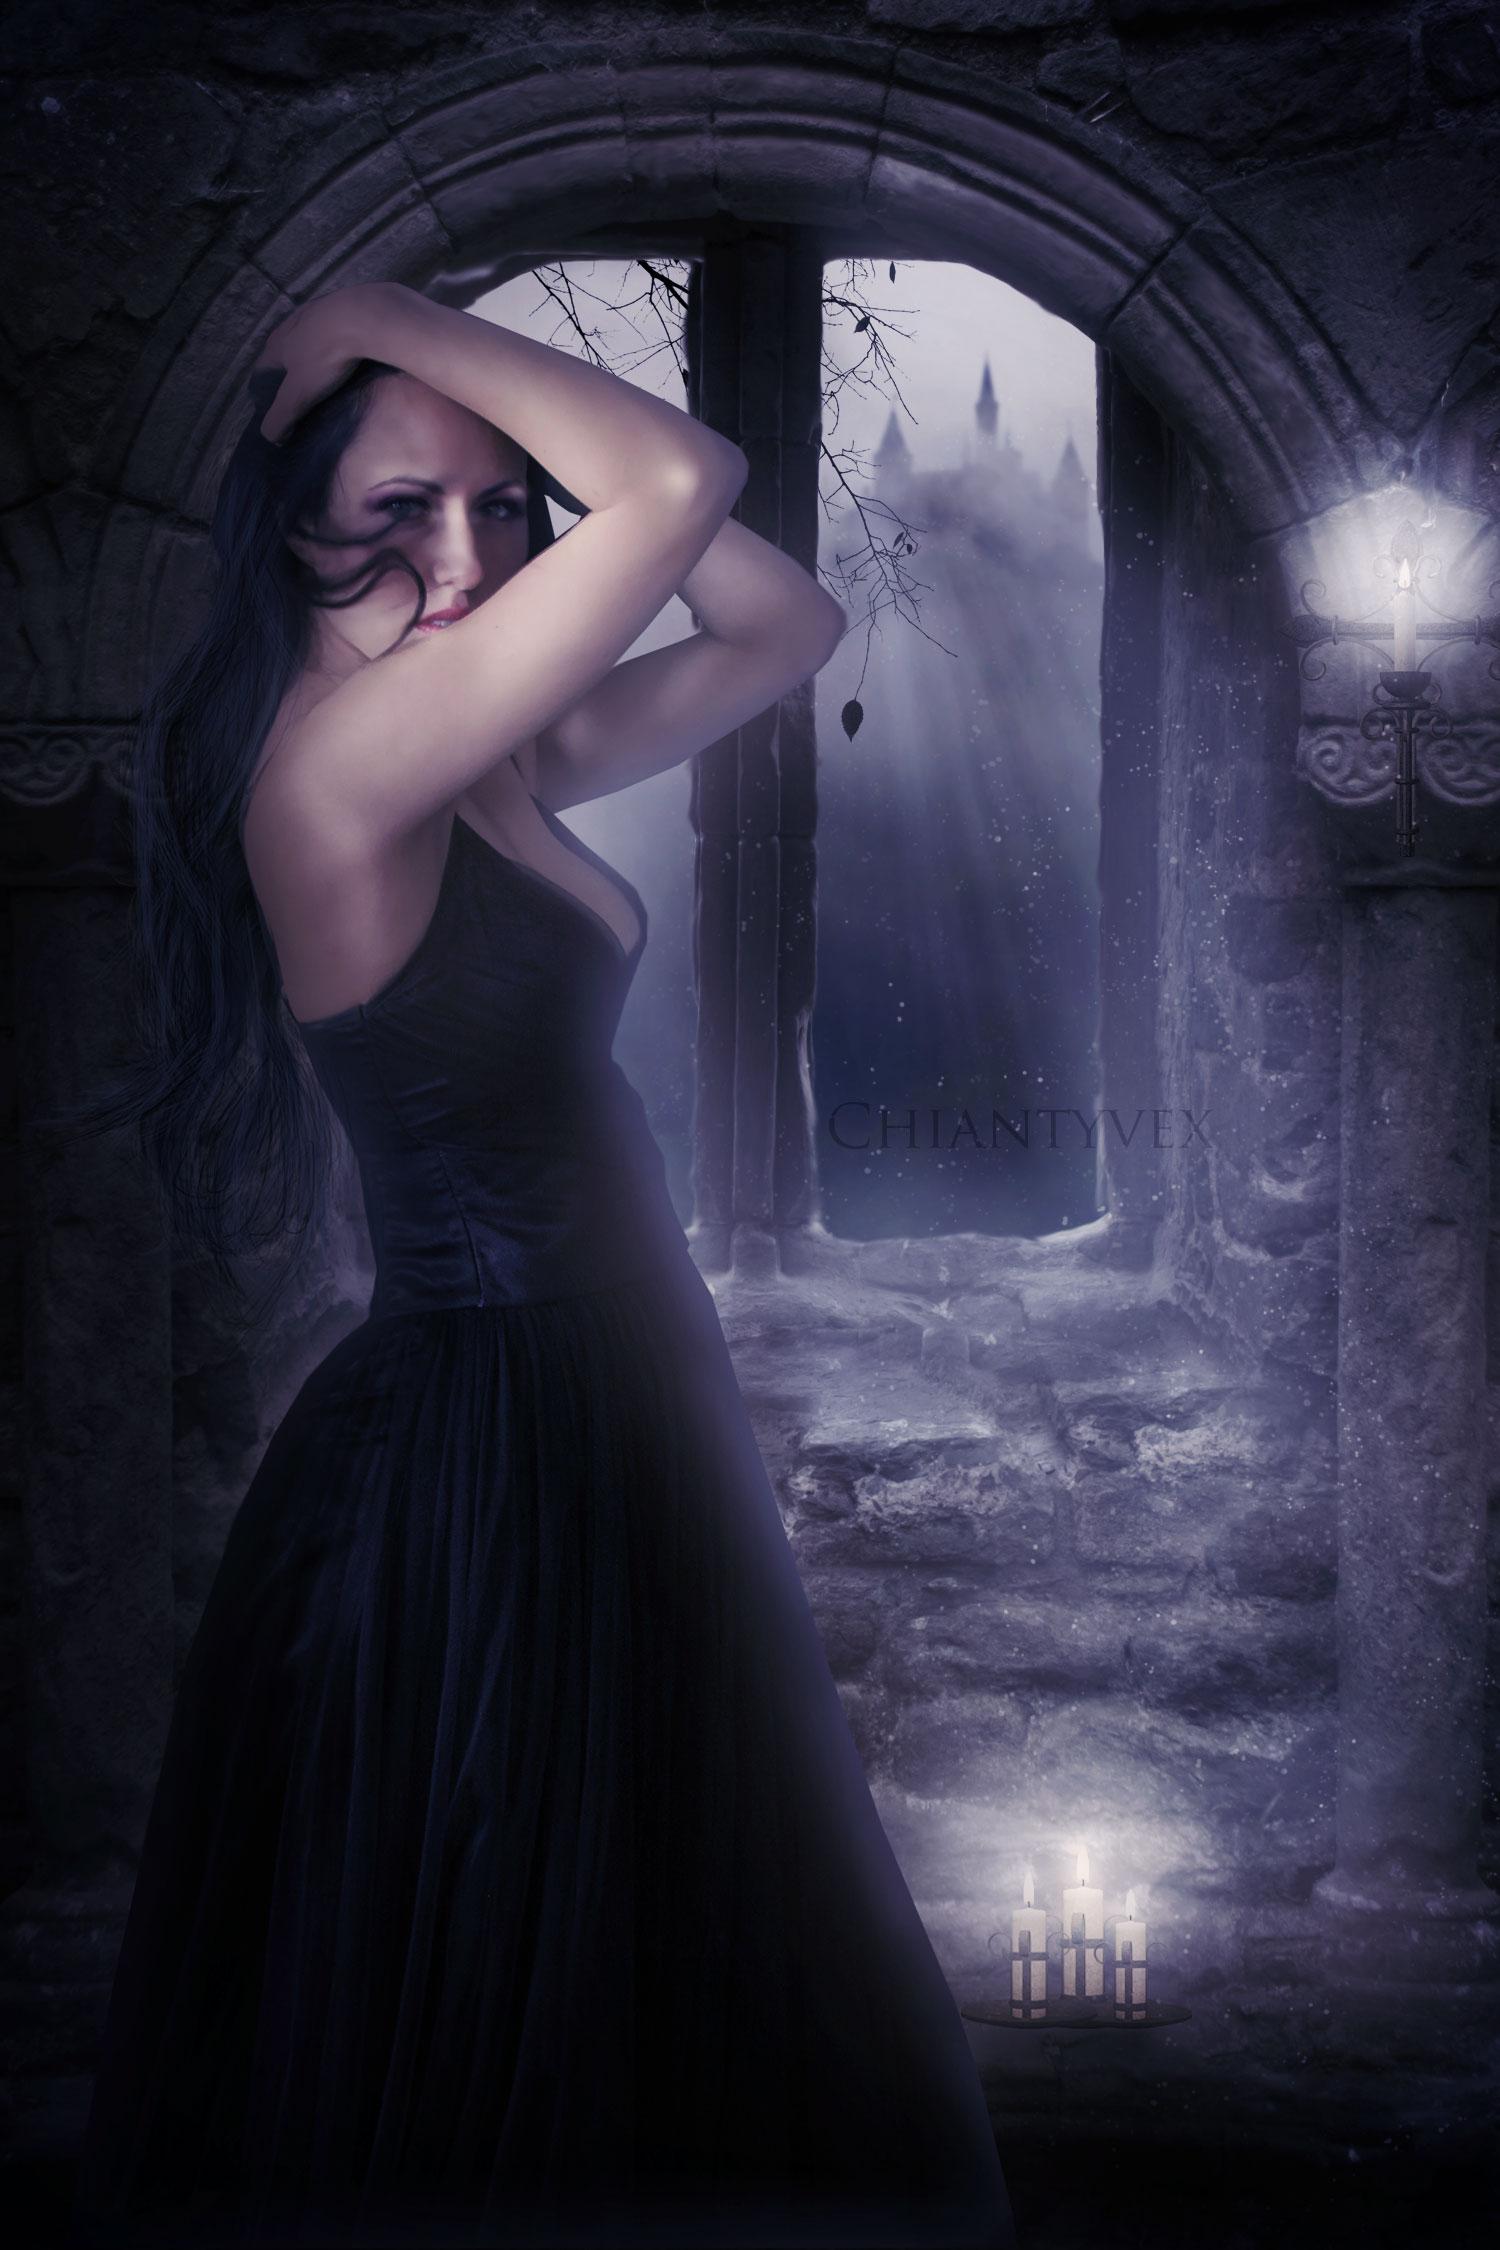 Desire by ChiantyVex